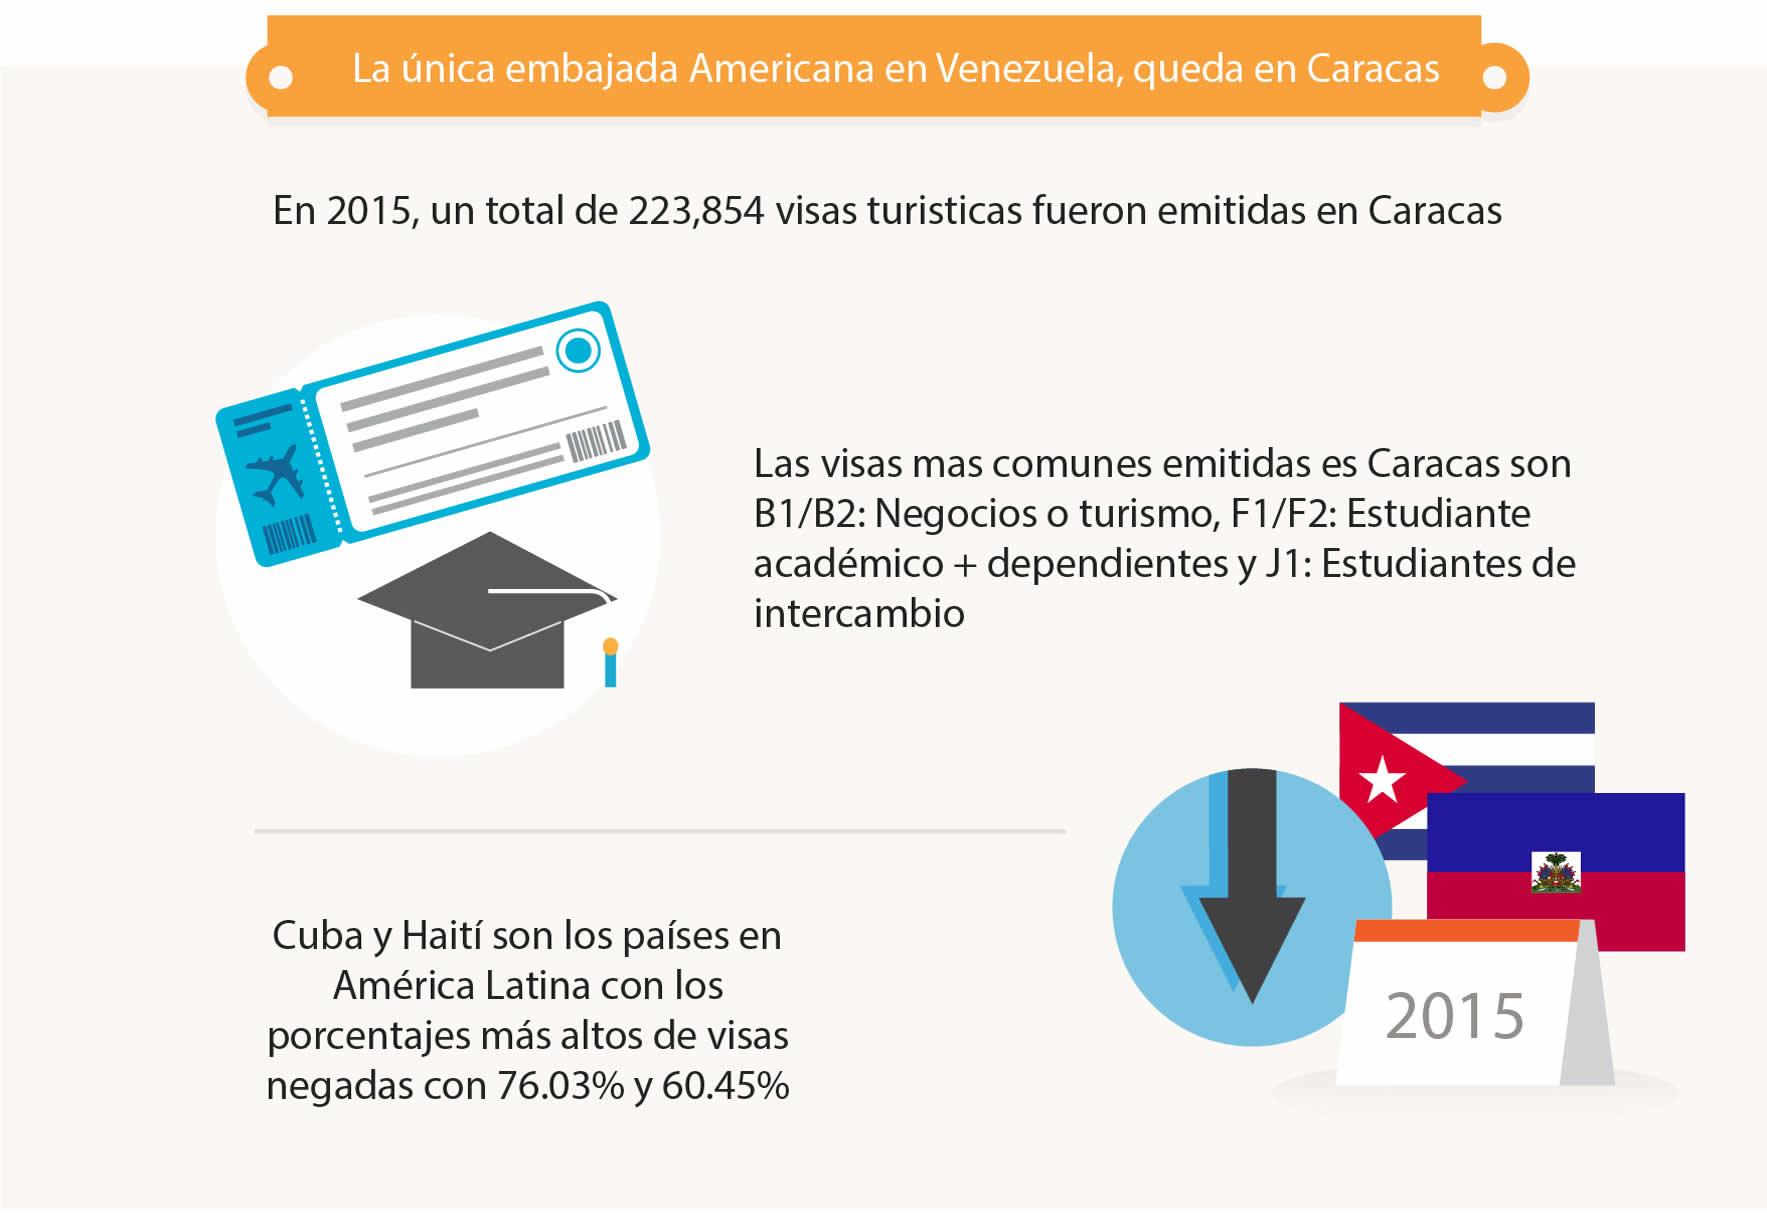 Como realizar la cita para la visa en la Embajada de Estados Unidos en Venezuela (3)